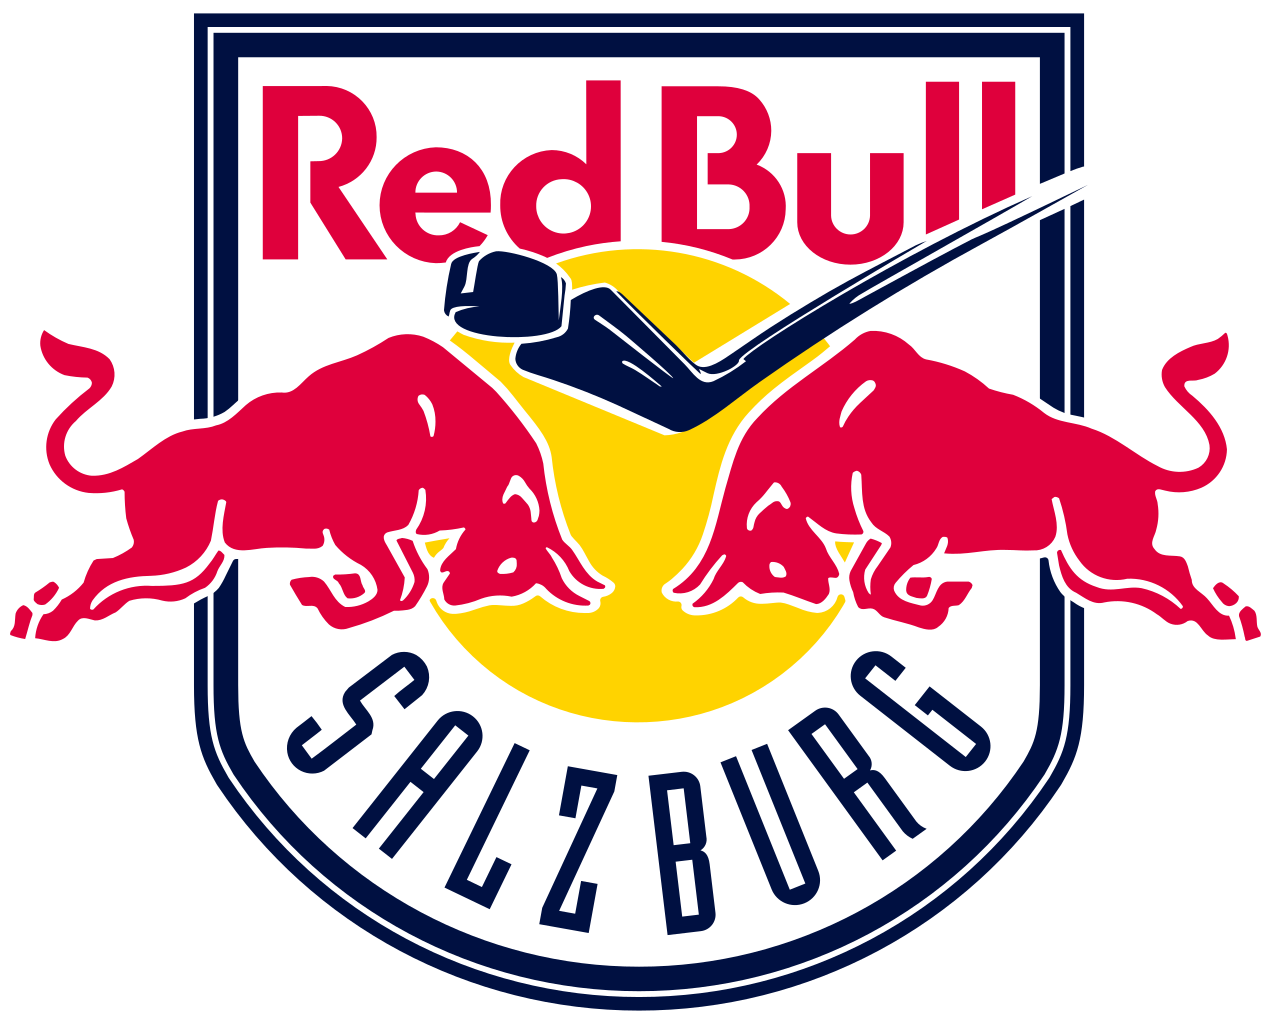 Red Bull clipart nebraska omaha #8